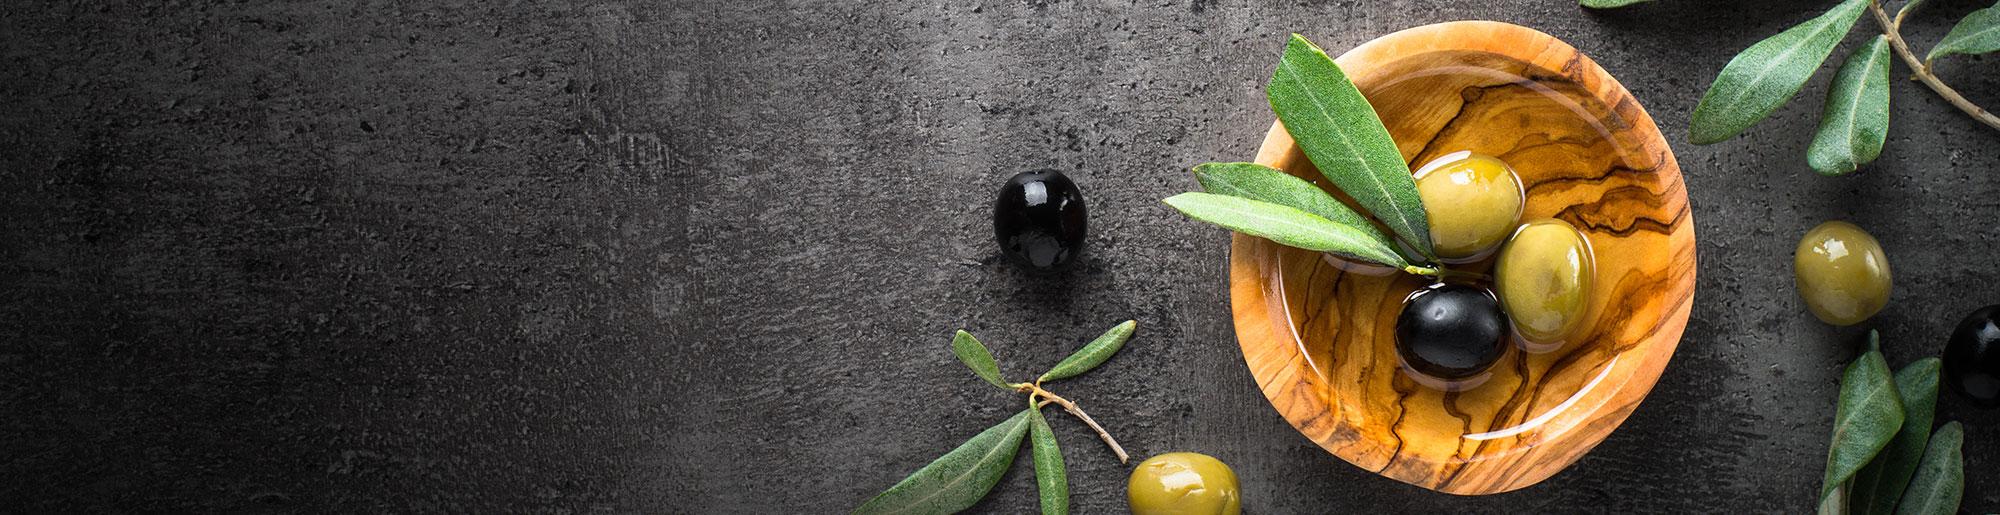 Grüne und schwarze Oliven in einer Holzschale